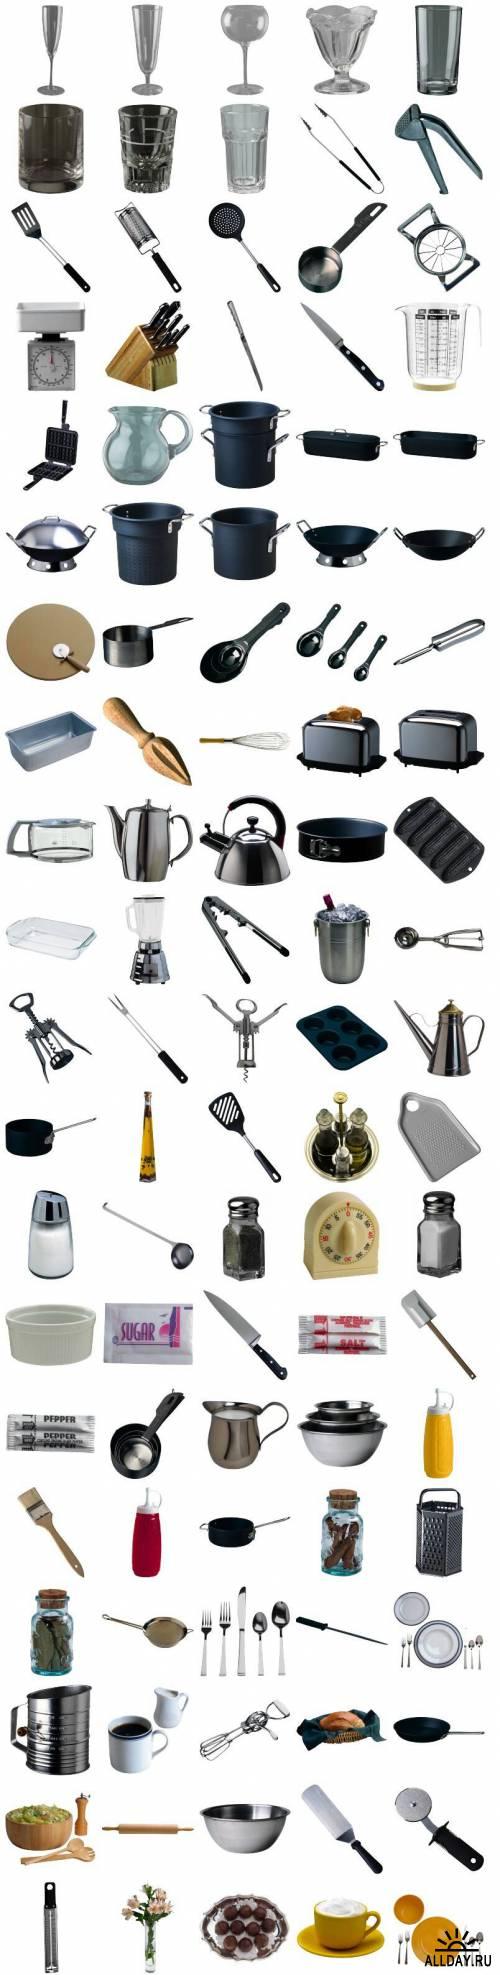 Растровый клипарт - Кухонная посуда и принадлежности (AV PO002 Kitchen Tools)